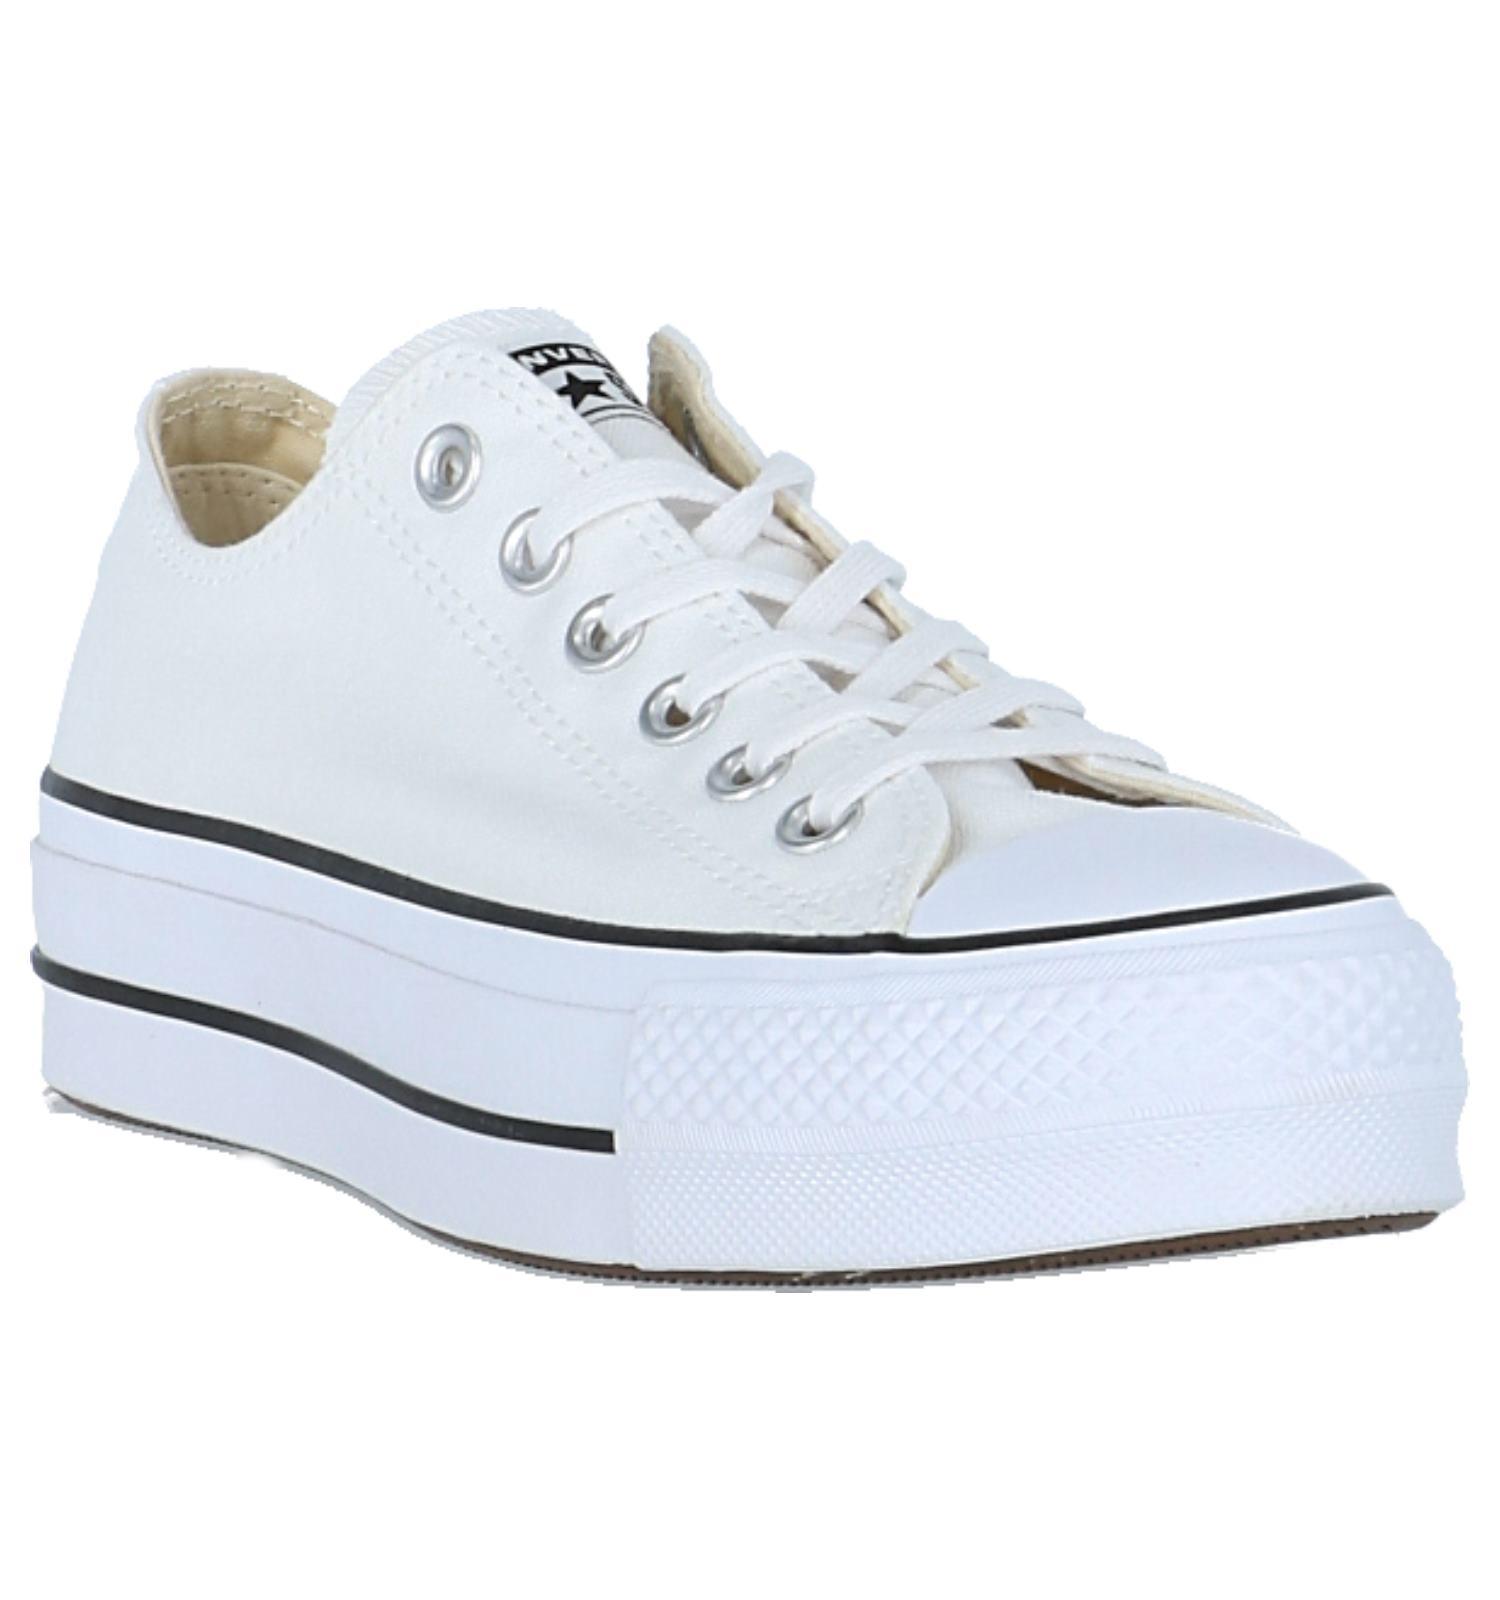 a620d9b2dd0 Witte Lage Sportieve Sneakers Converse Chuck Taylor All Star   TORFS.BE    Gratis verzend en retour